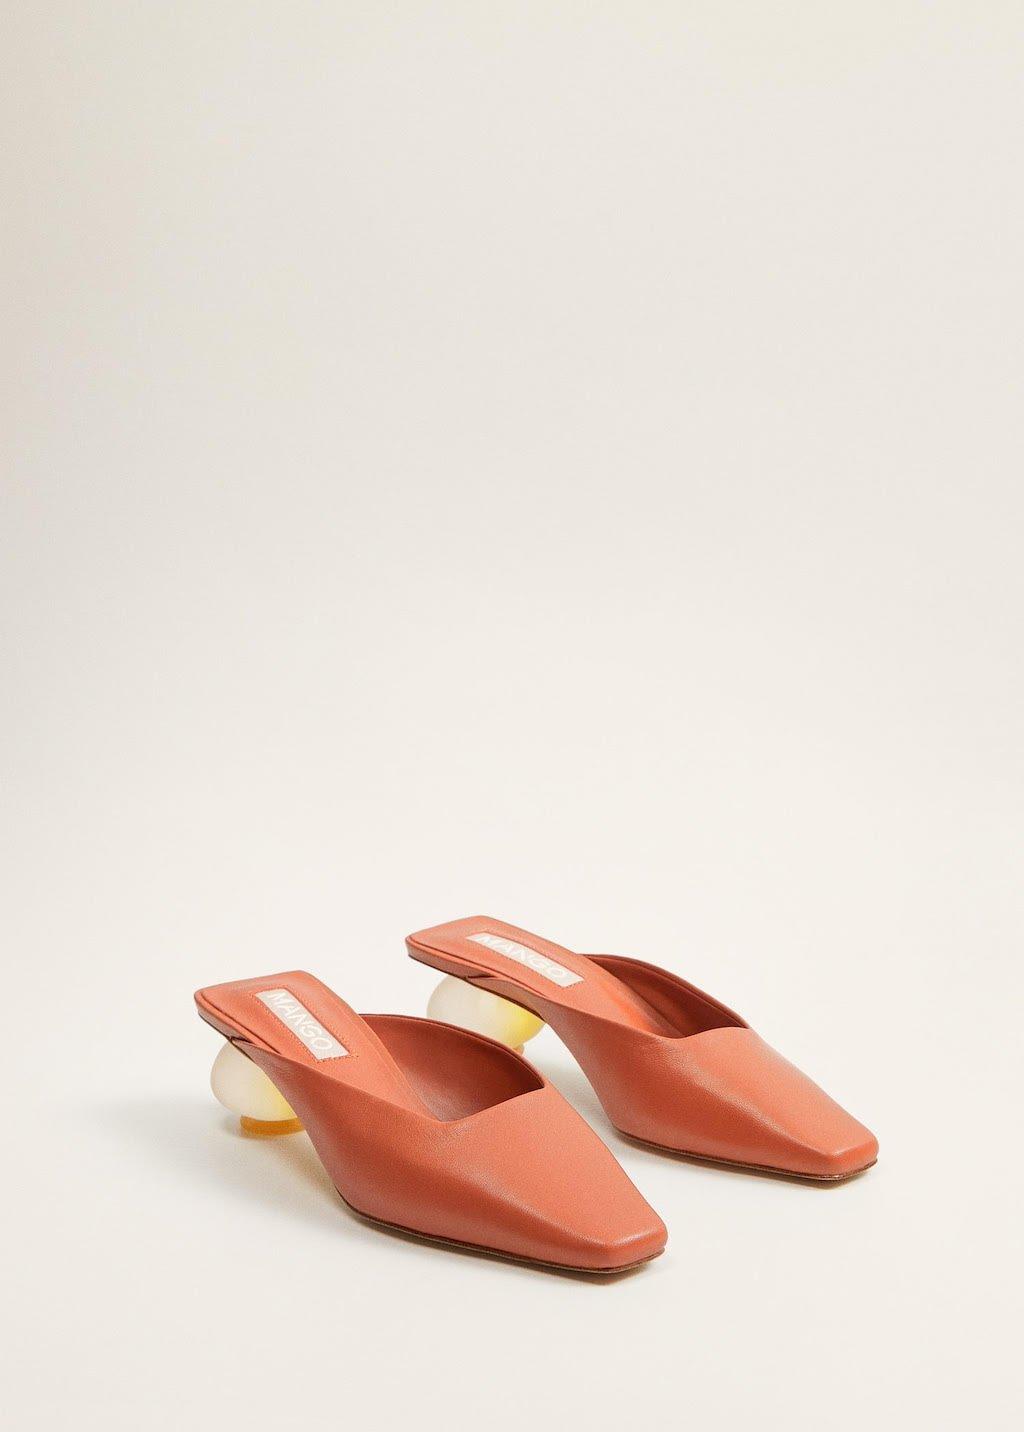 Ψάχνεις για καλοκαιρινά παπούτσια κάτω από 60 ευρώ; Δες εδώ!